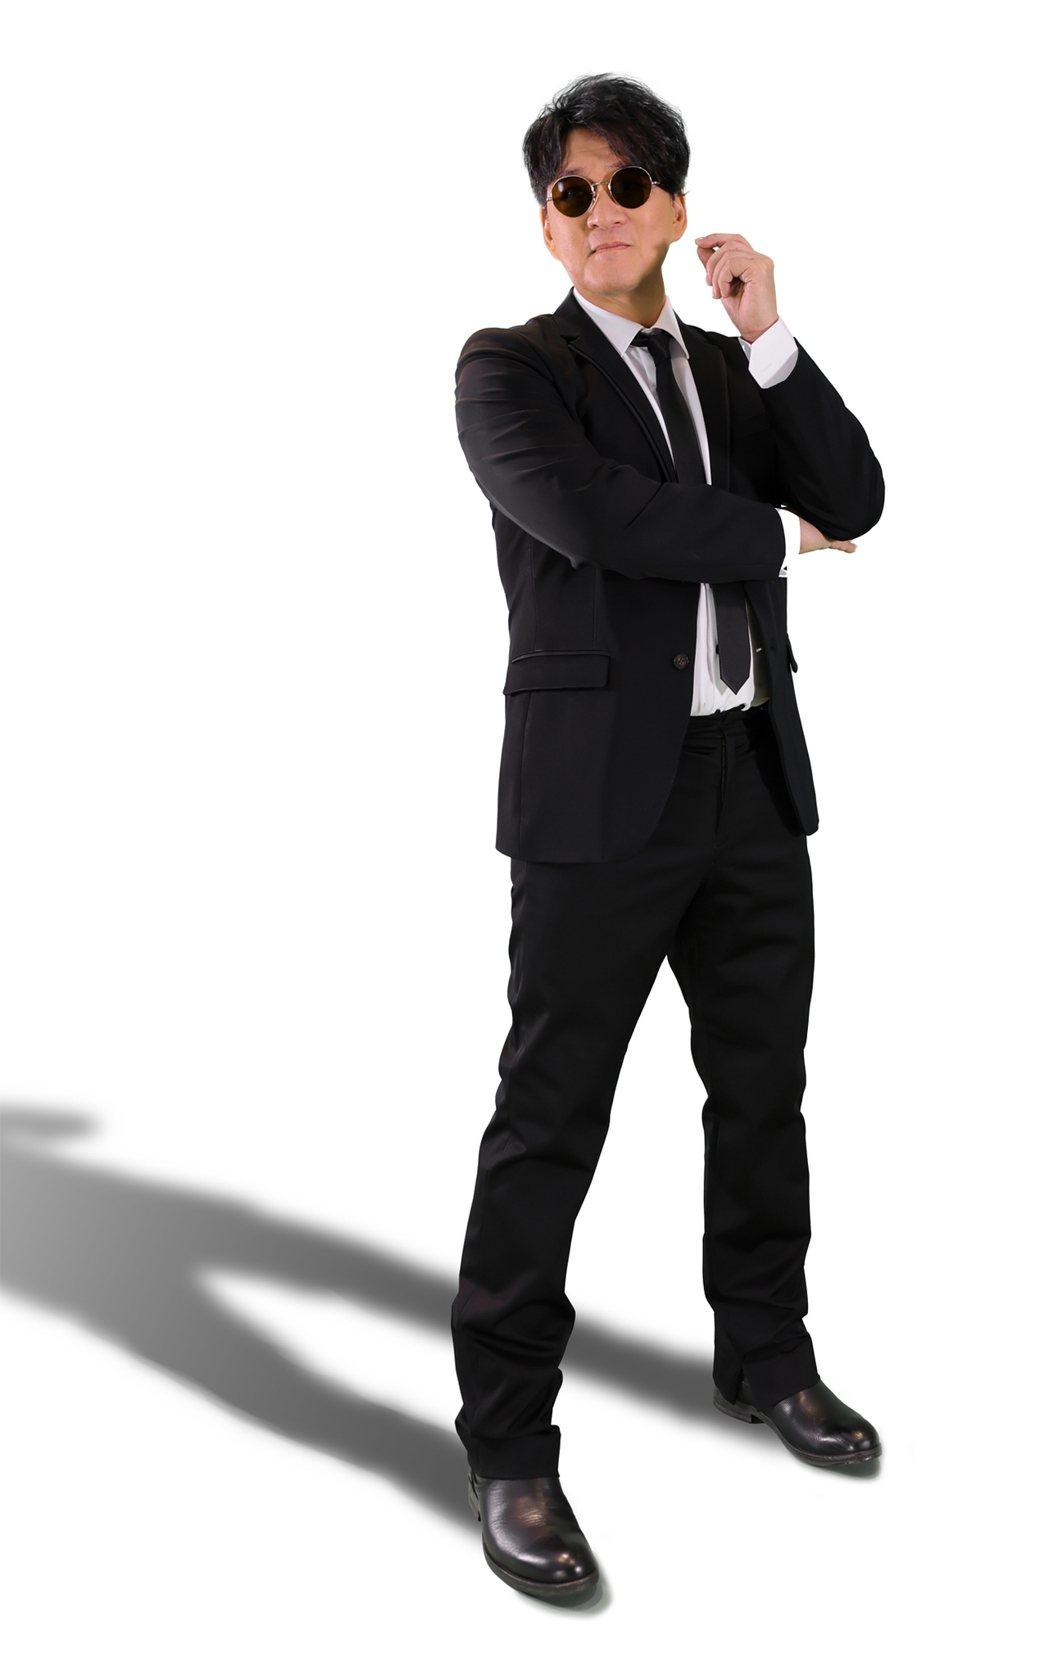 周華健以「MIB星際戰警」西裝造型在五月天演唱會上造勢。圖/滾石唱片提供